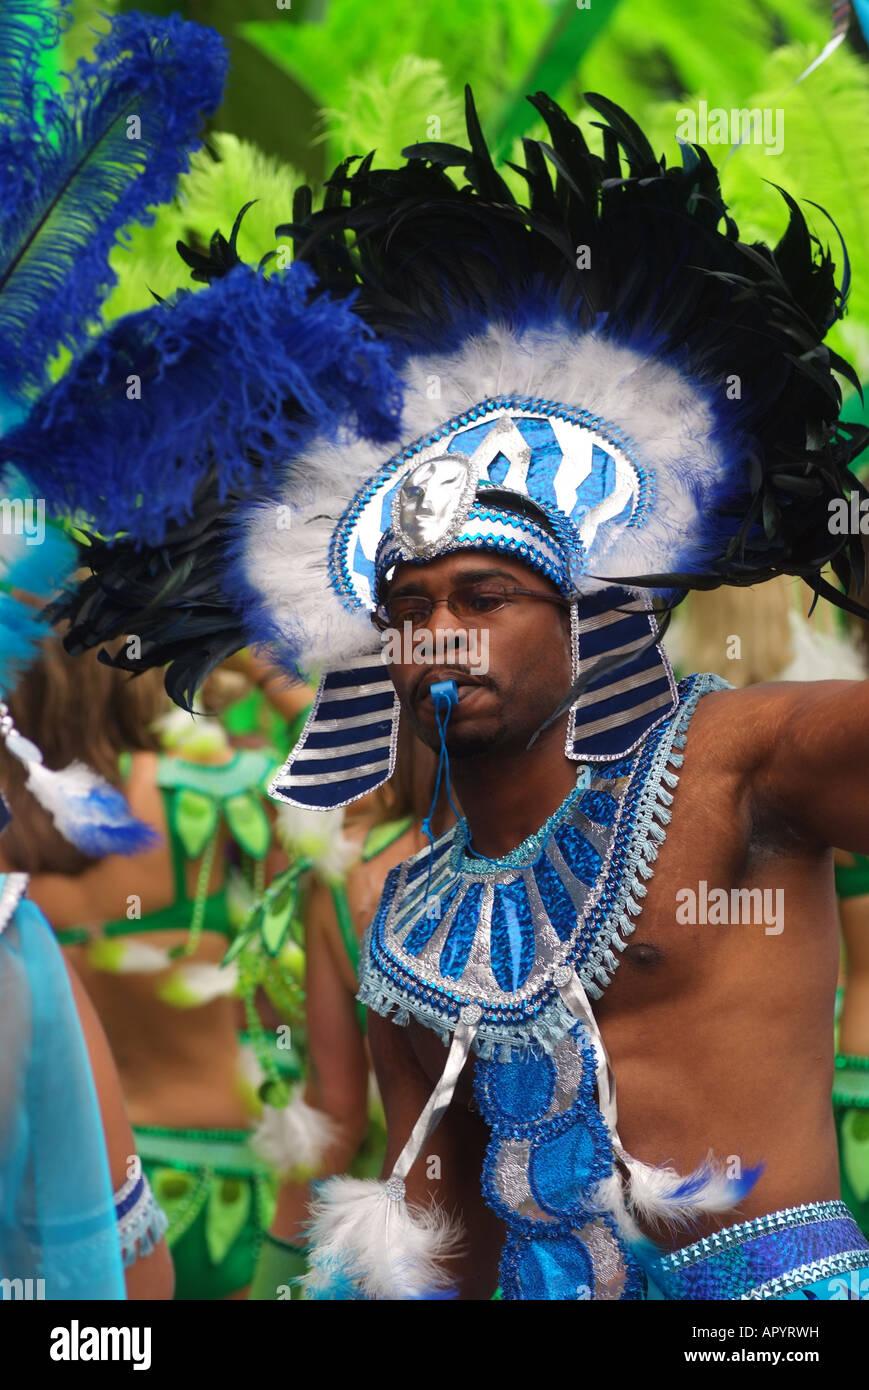 CANADA Québec Montréal carifest un défilé du Festival des nations des Caraïbes et des îles Photo Stock